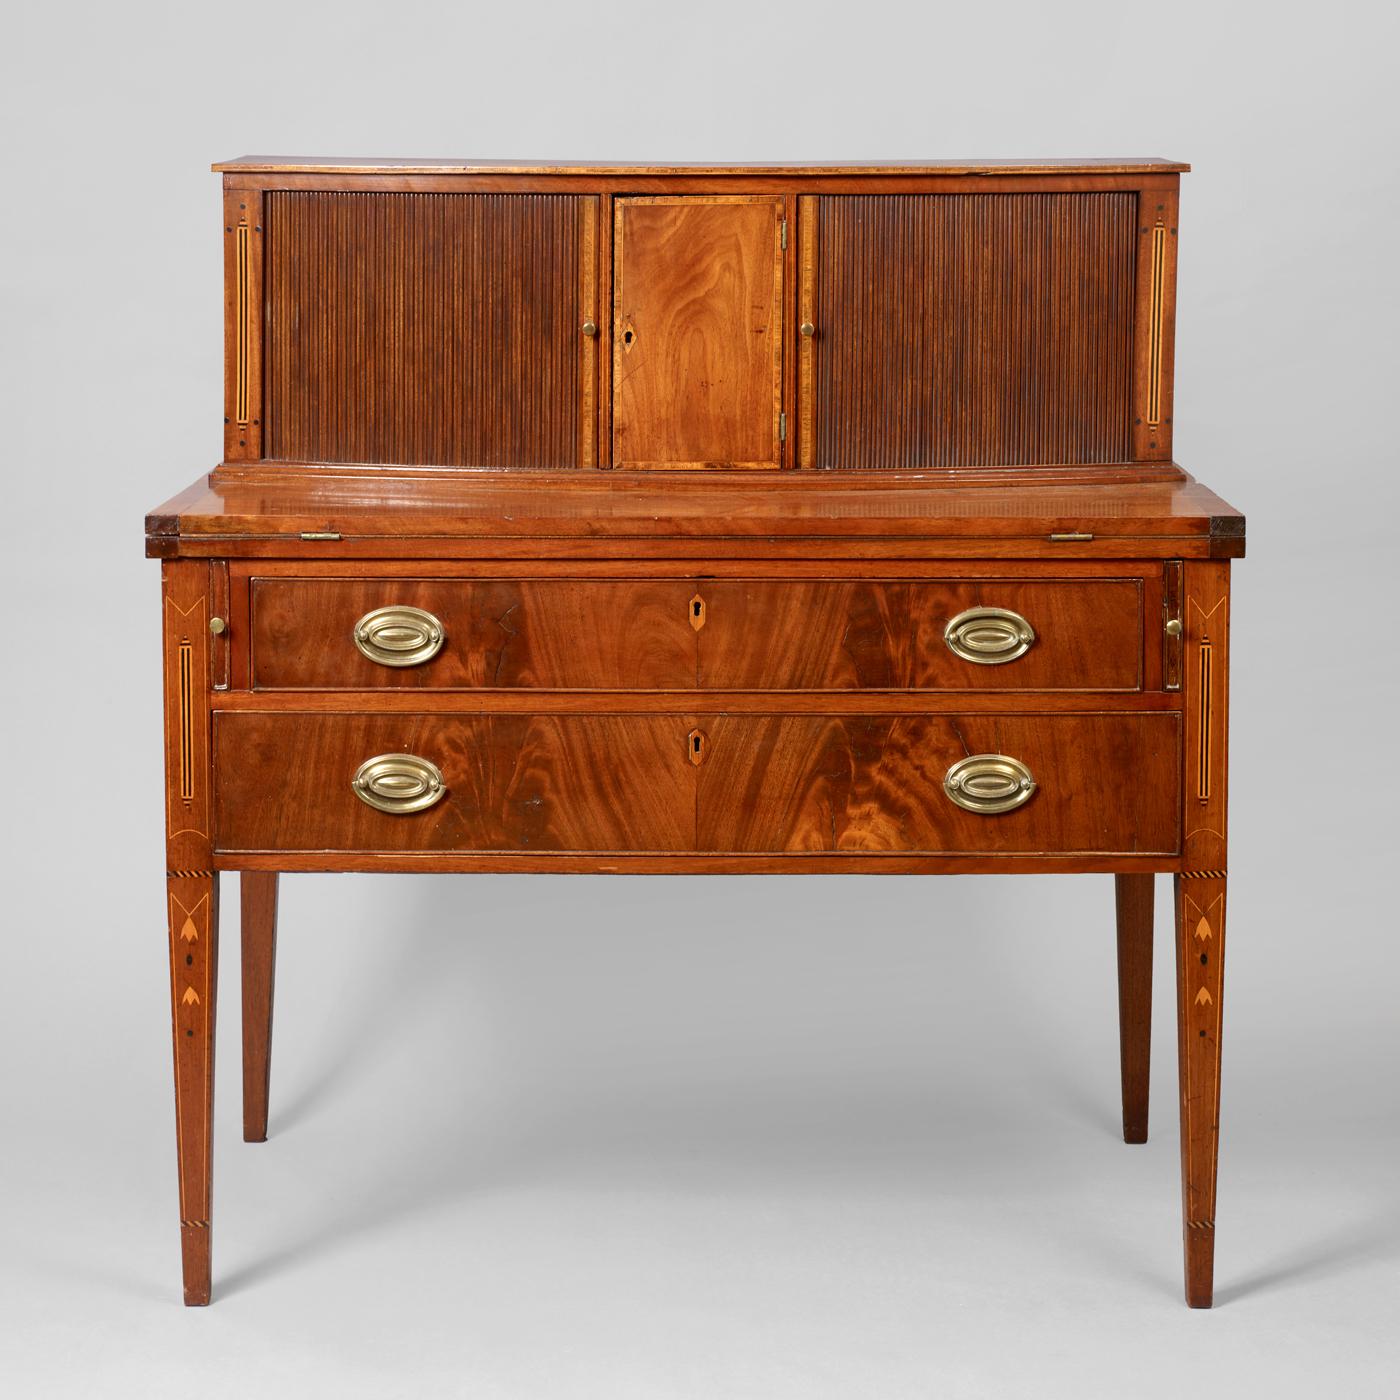 Hepplewhite Inlaid Tambour Desk - Hepplewhite Inlaid Tambour Desk • Jeffrey Tillou Antiques